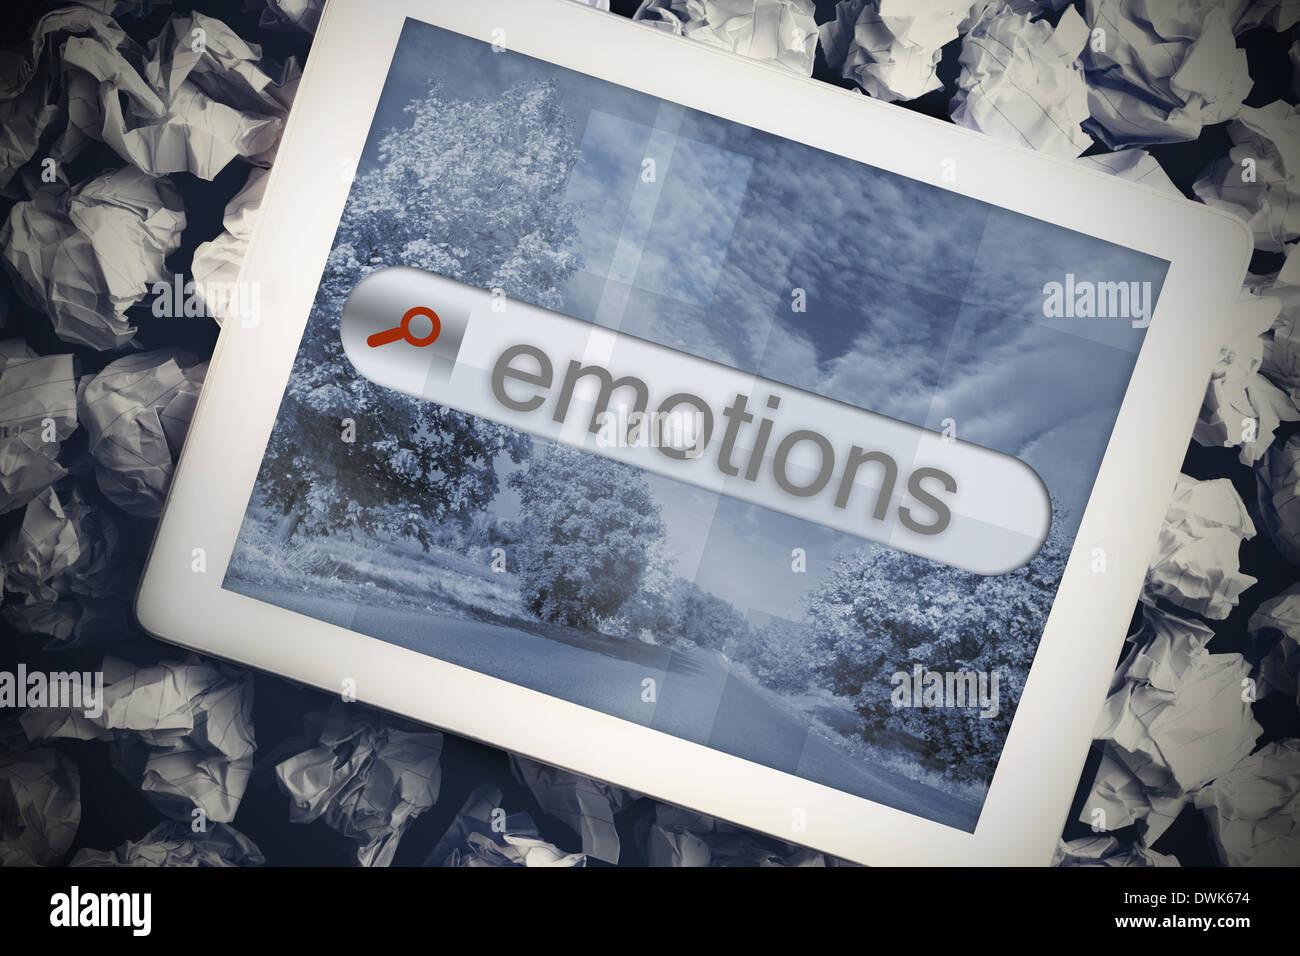 Les émotions dans la barre de recherche sur écran de tablette Photo Stock